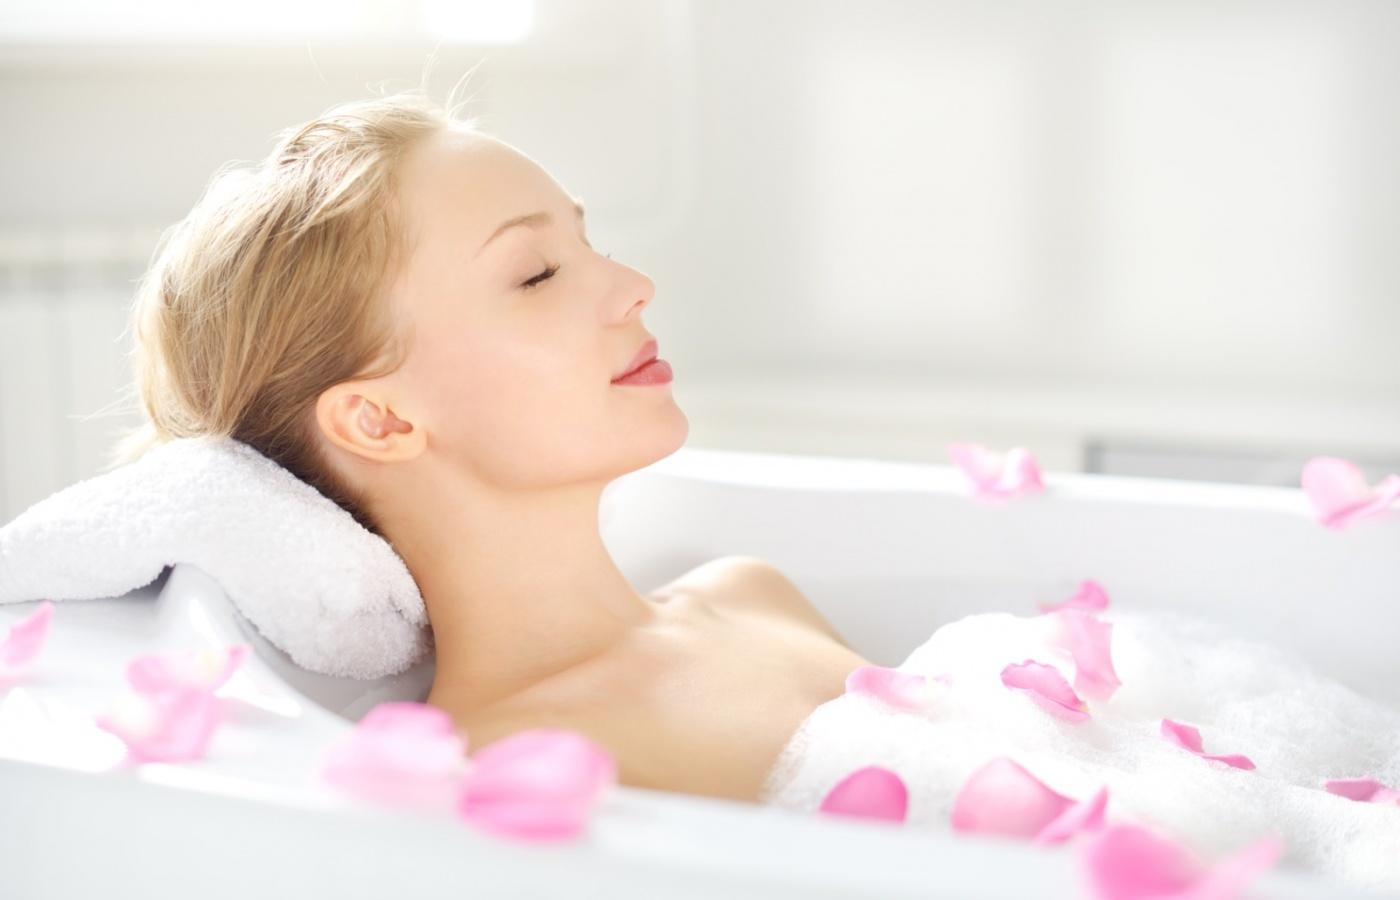 Lợi ích sức khỏe khi tắm buổi sáng bạn cần chú ý